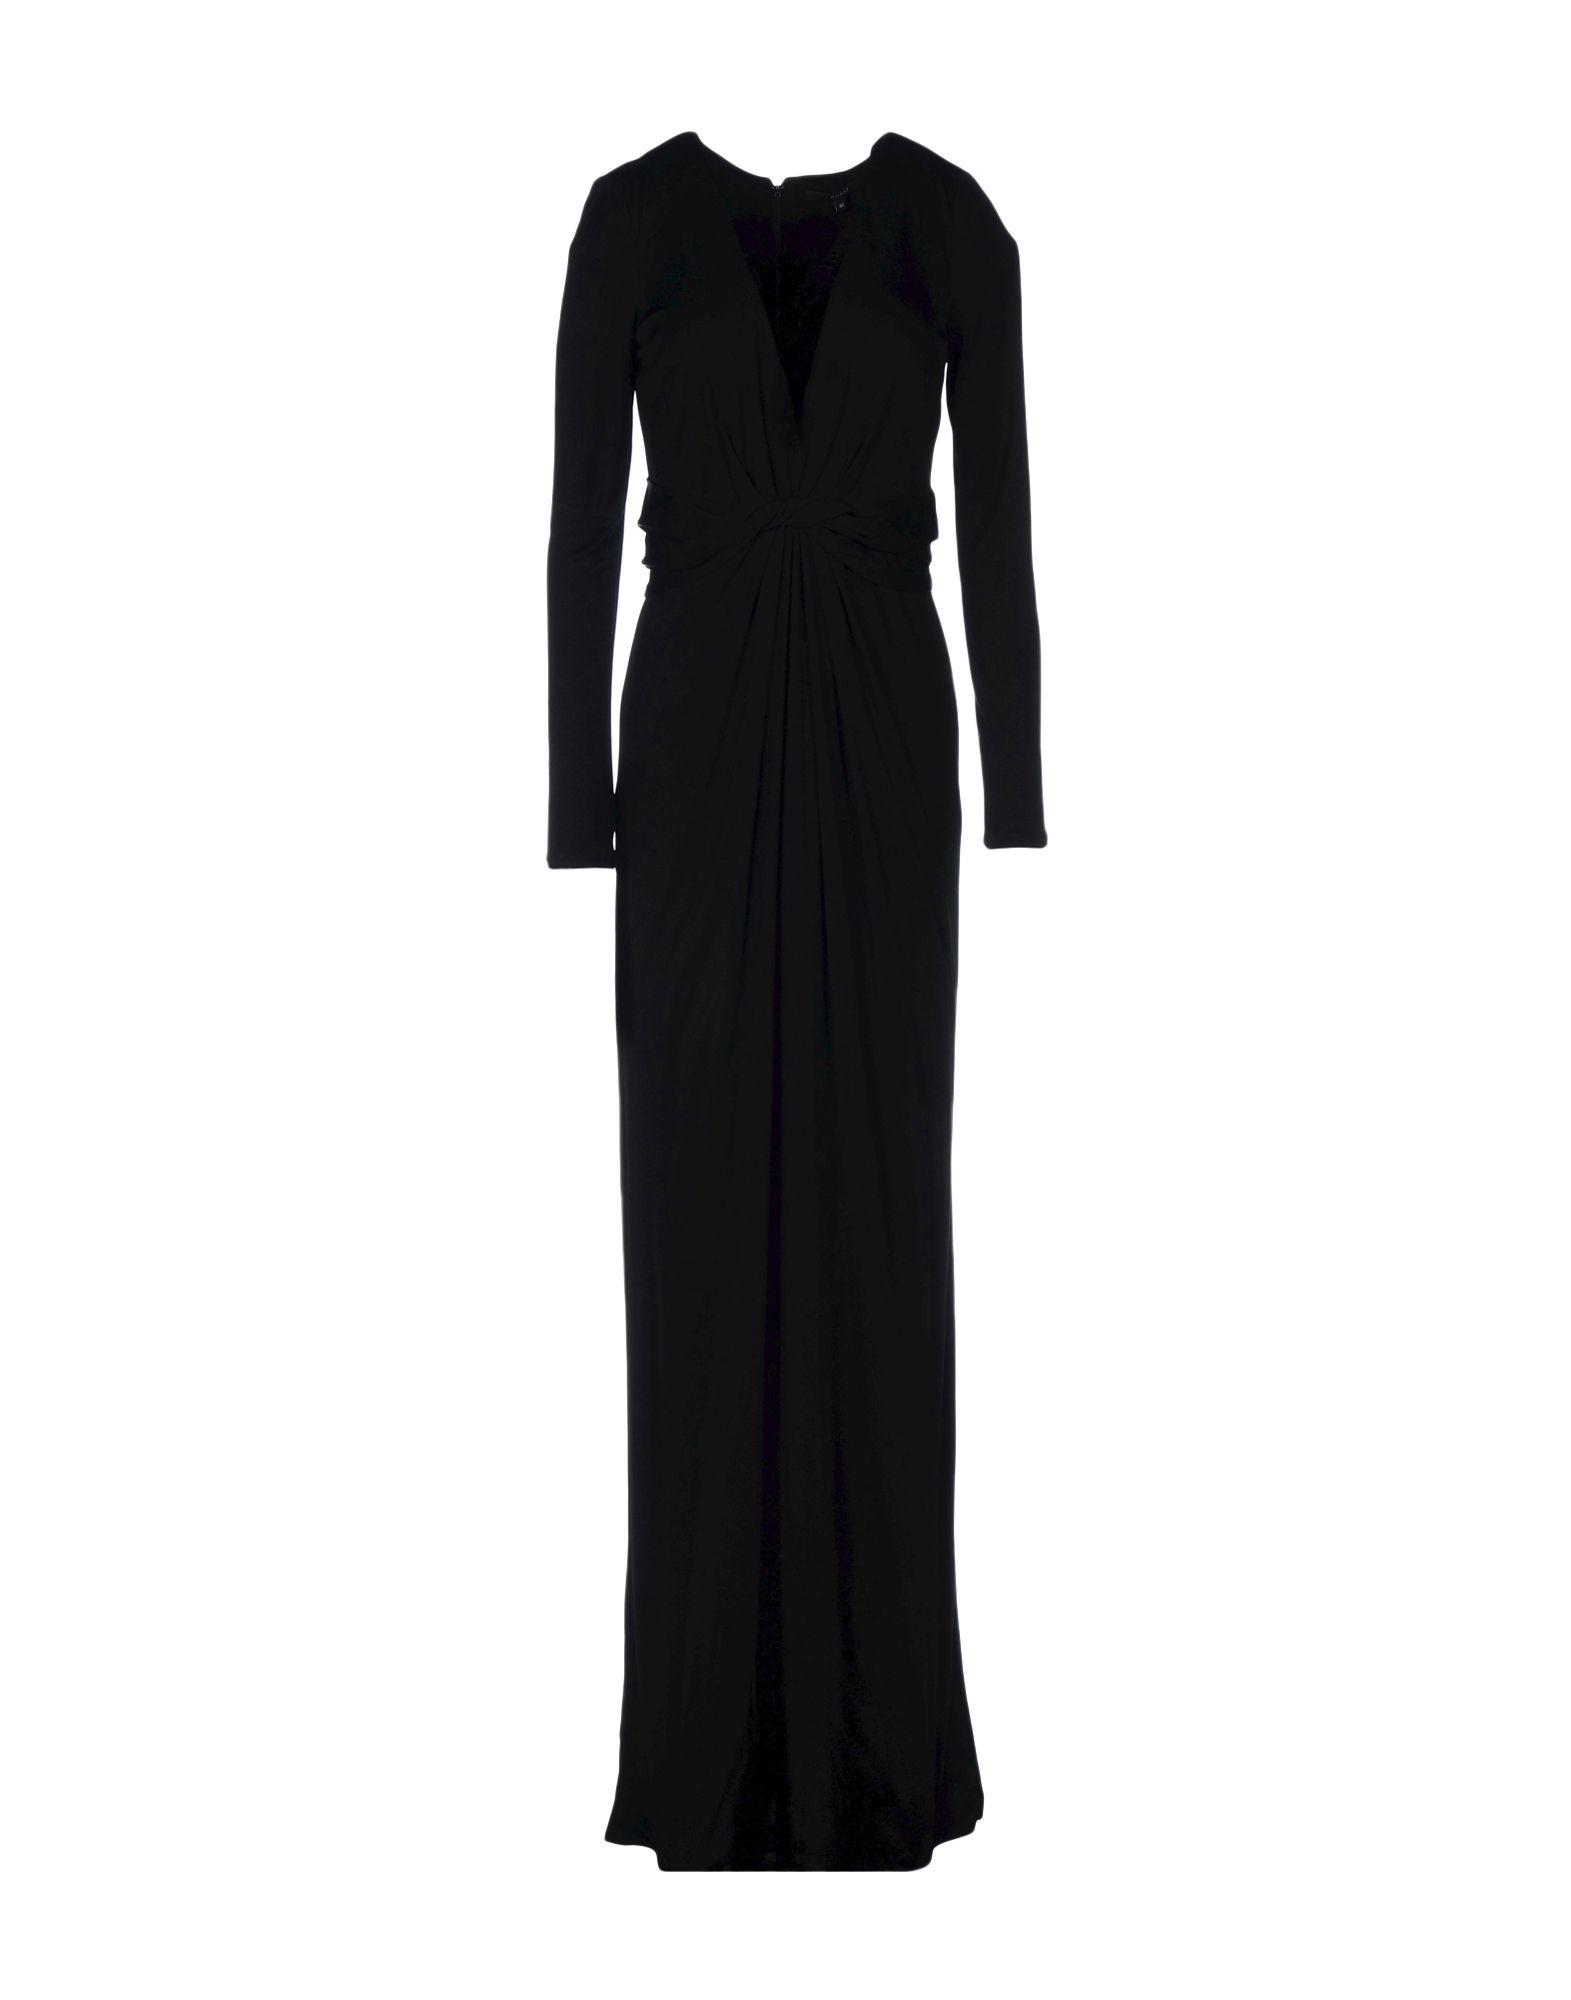 GUCCI Damen Langes Kleid Farbe Schwarz Größe 4